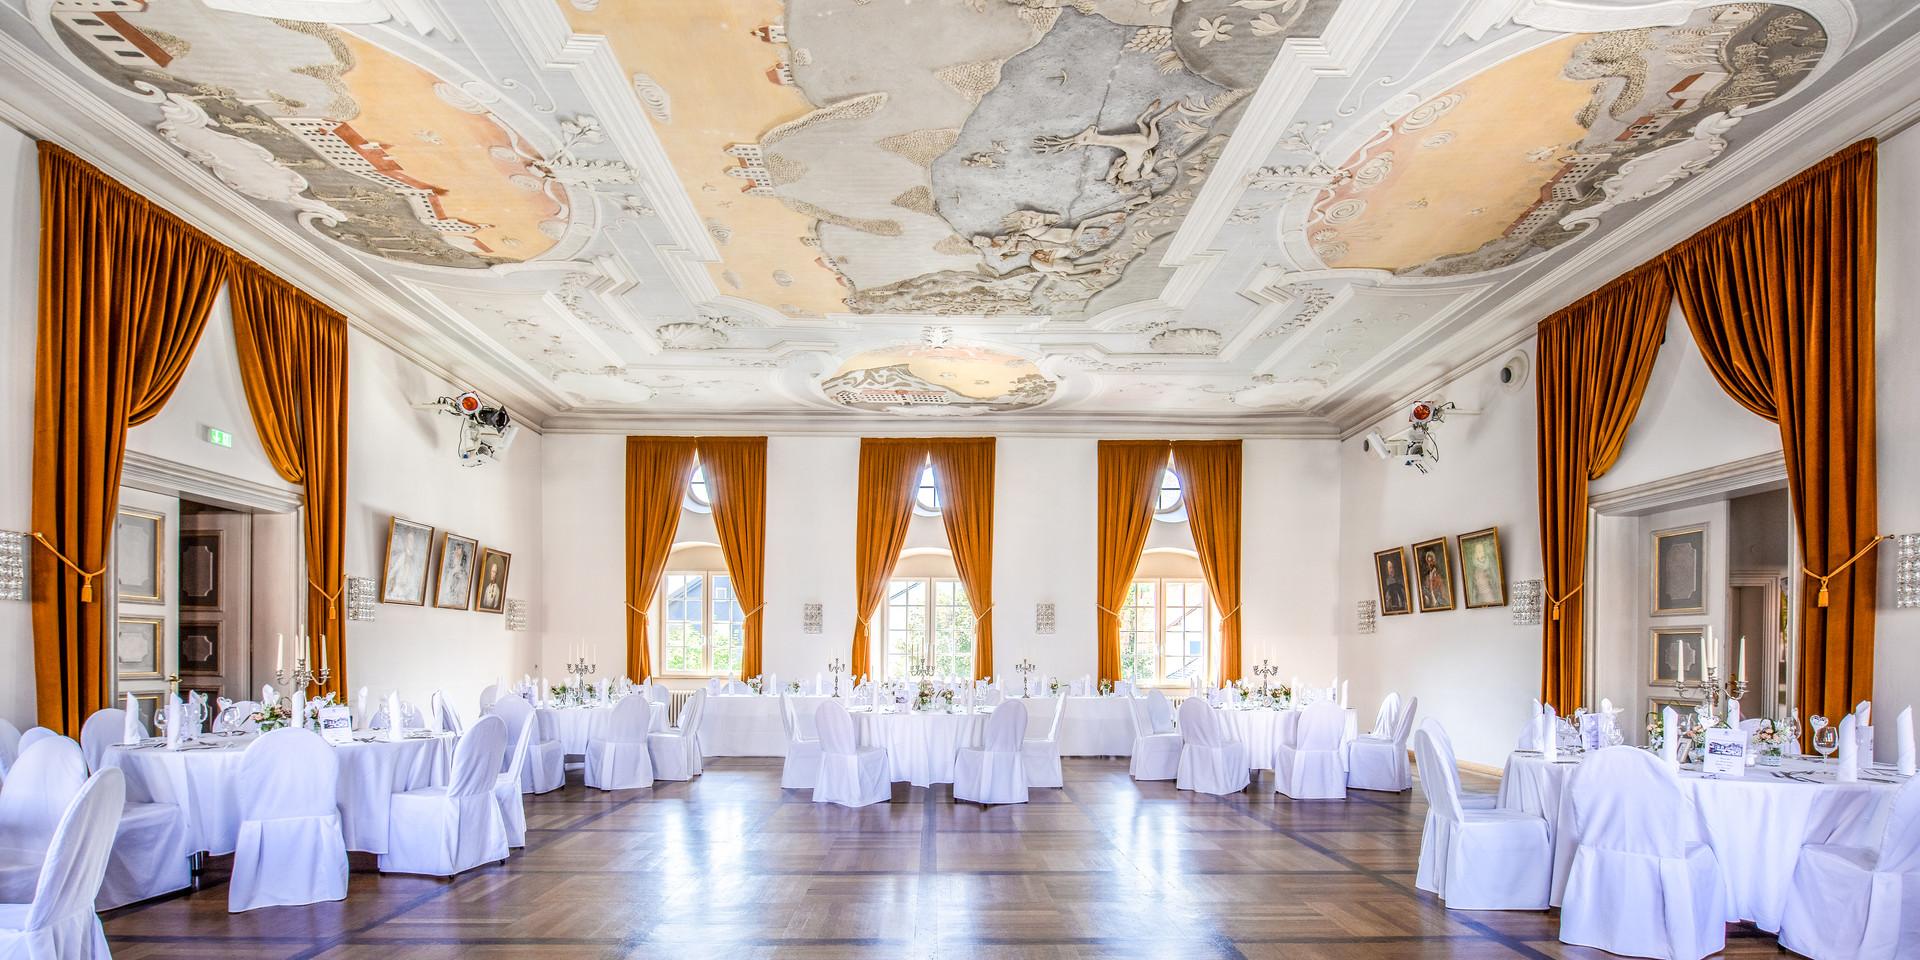 Schloss Immenstadt Eventlocation Allgäu Geburtstag Feier Firmenfeier